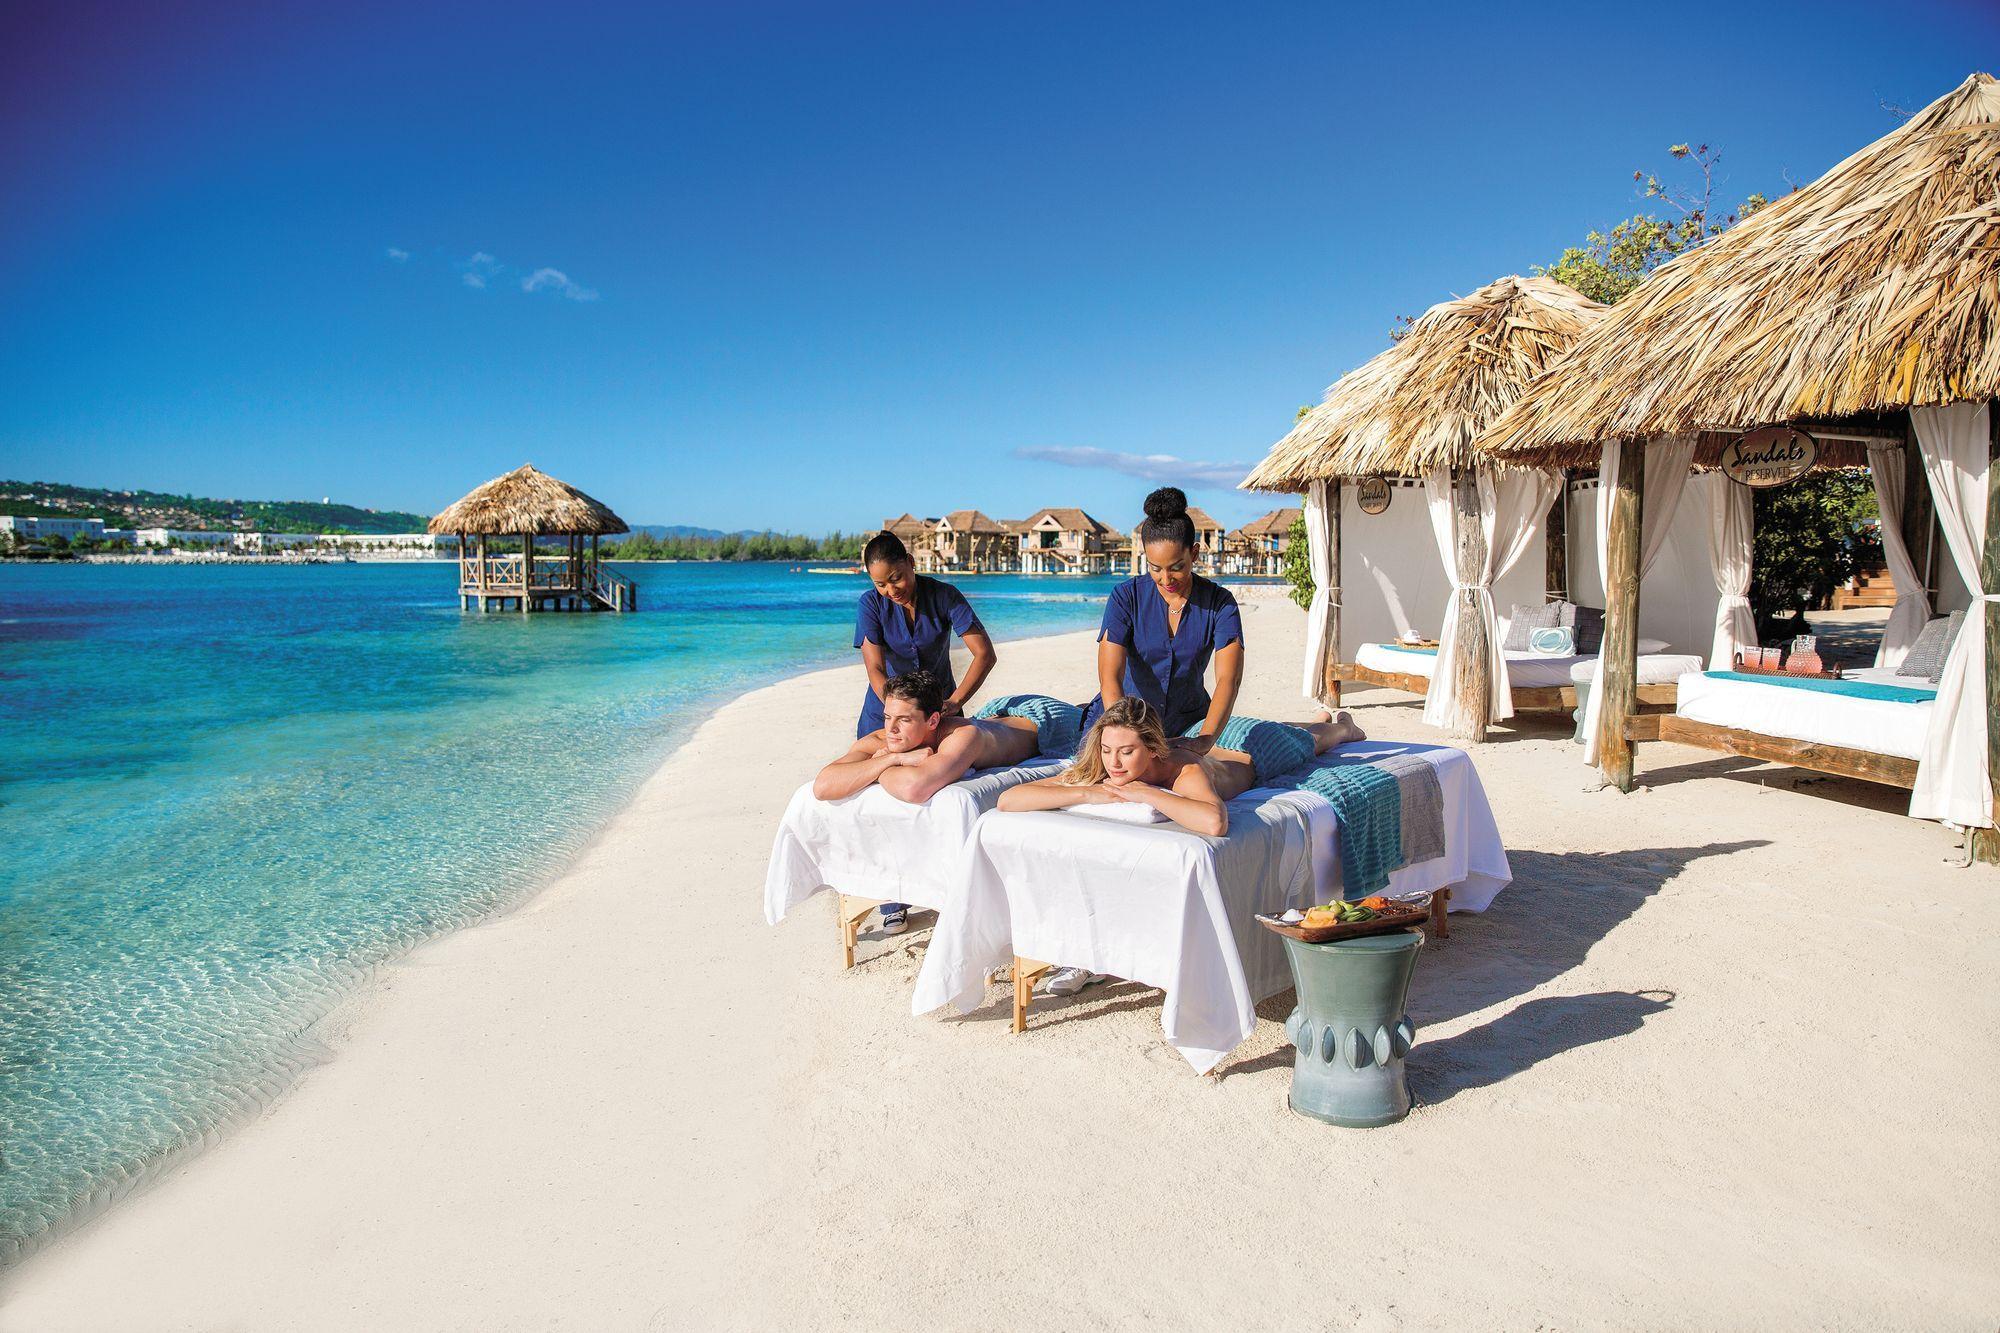 Paarmassage im Strand. Strandcabanas und Over-the-Water Suiten im Hintergrund.